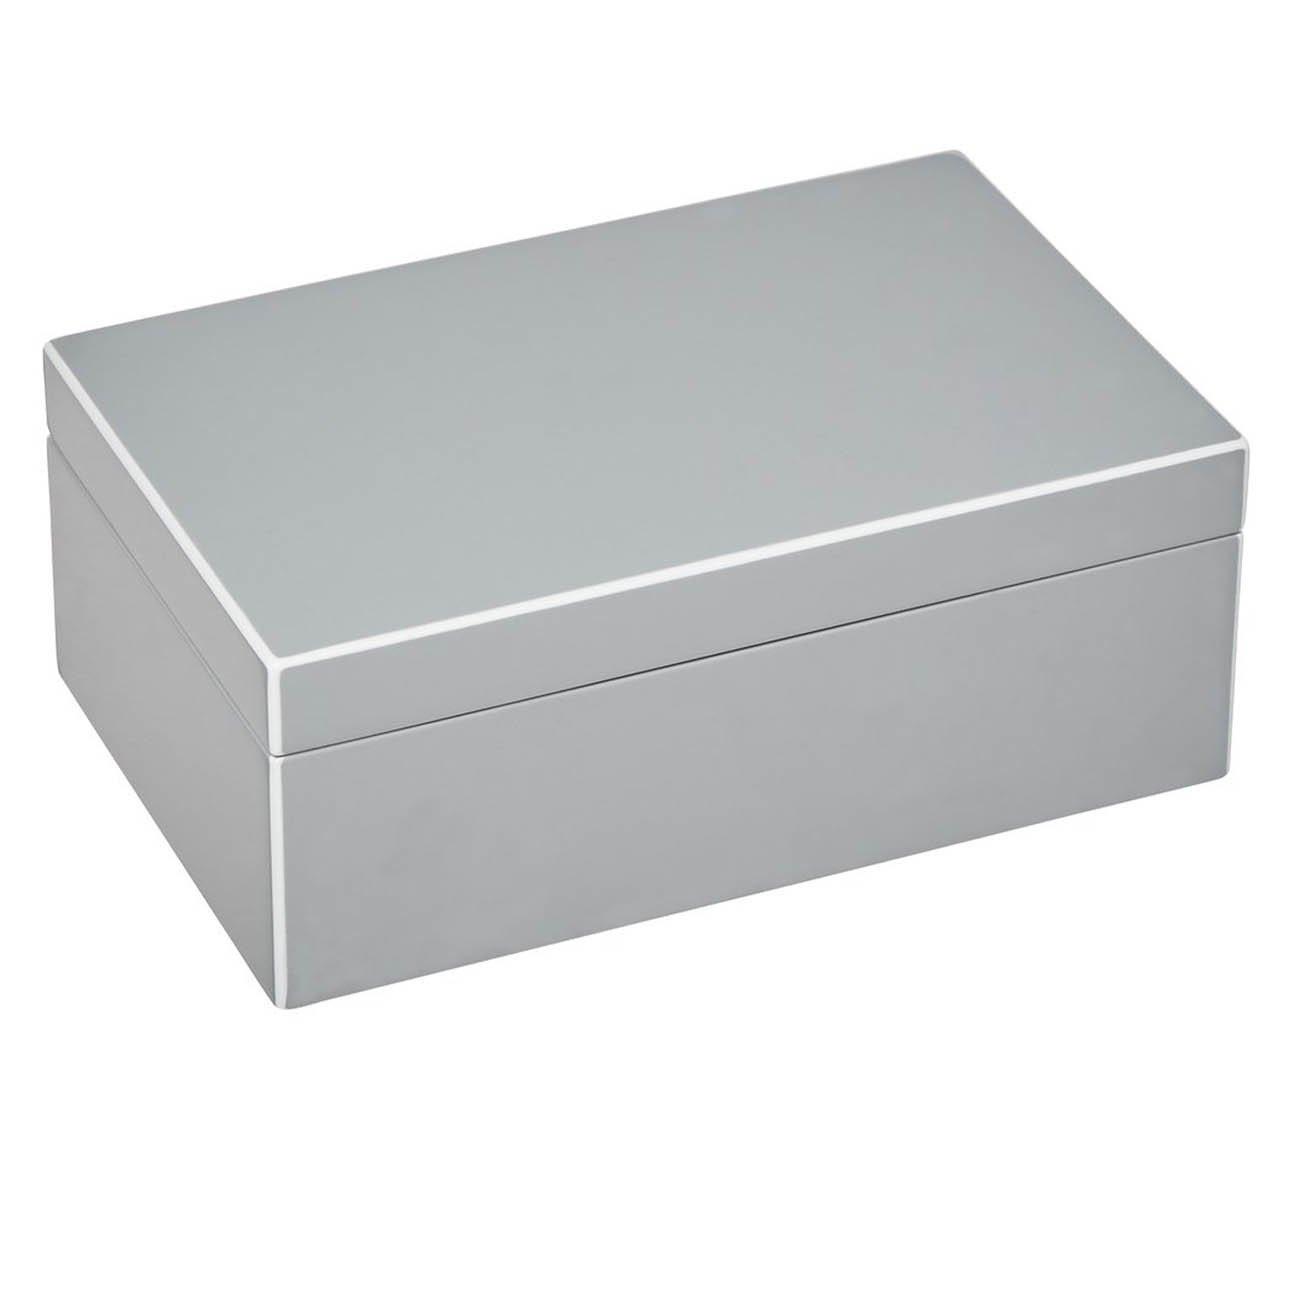 Gift Company 75874 Schmuckbox - Schmuckkasten - Schmuckschatulle - - - Tang - S - Flannel Silber 22 x 14 x 8,3 cm dc286b